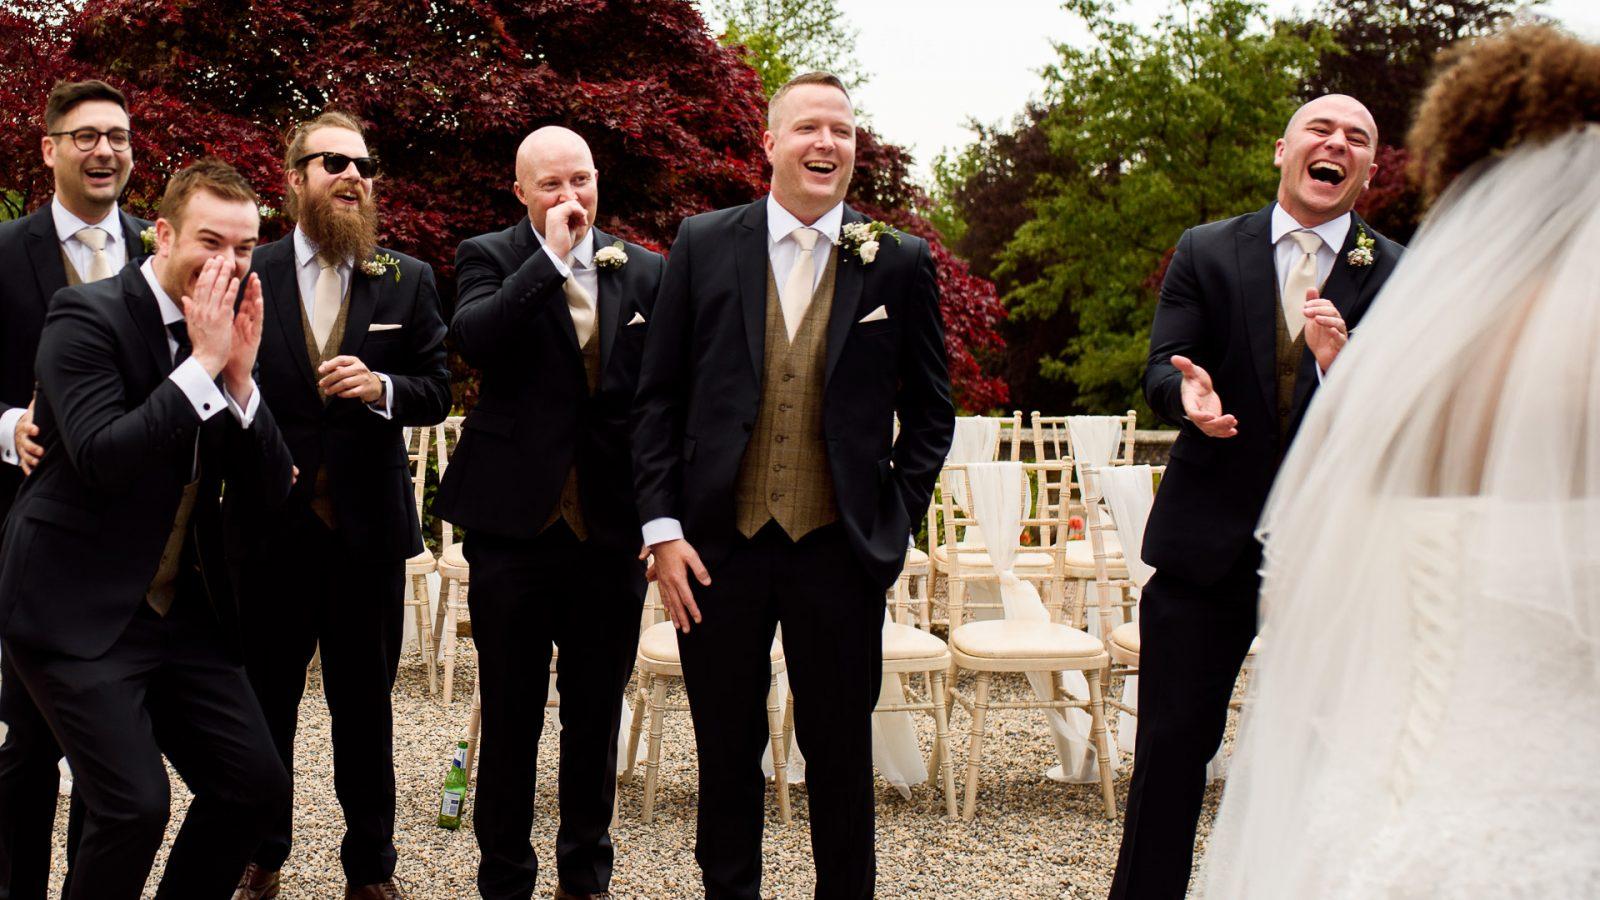 kimberley-and-josephs-wedding-the-groomsmen-and-groom